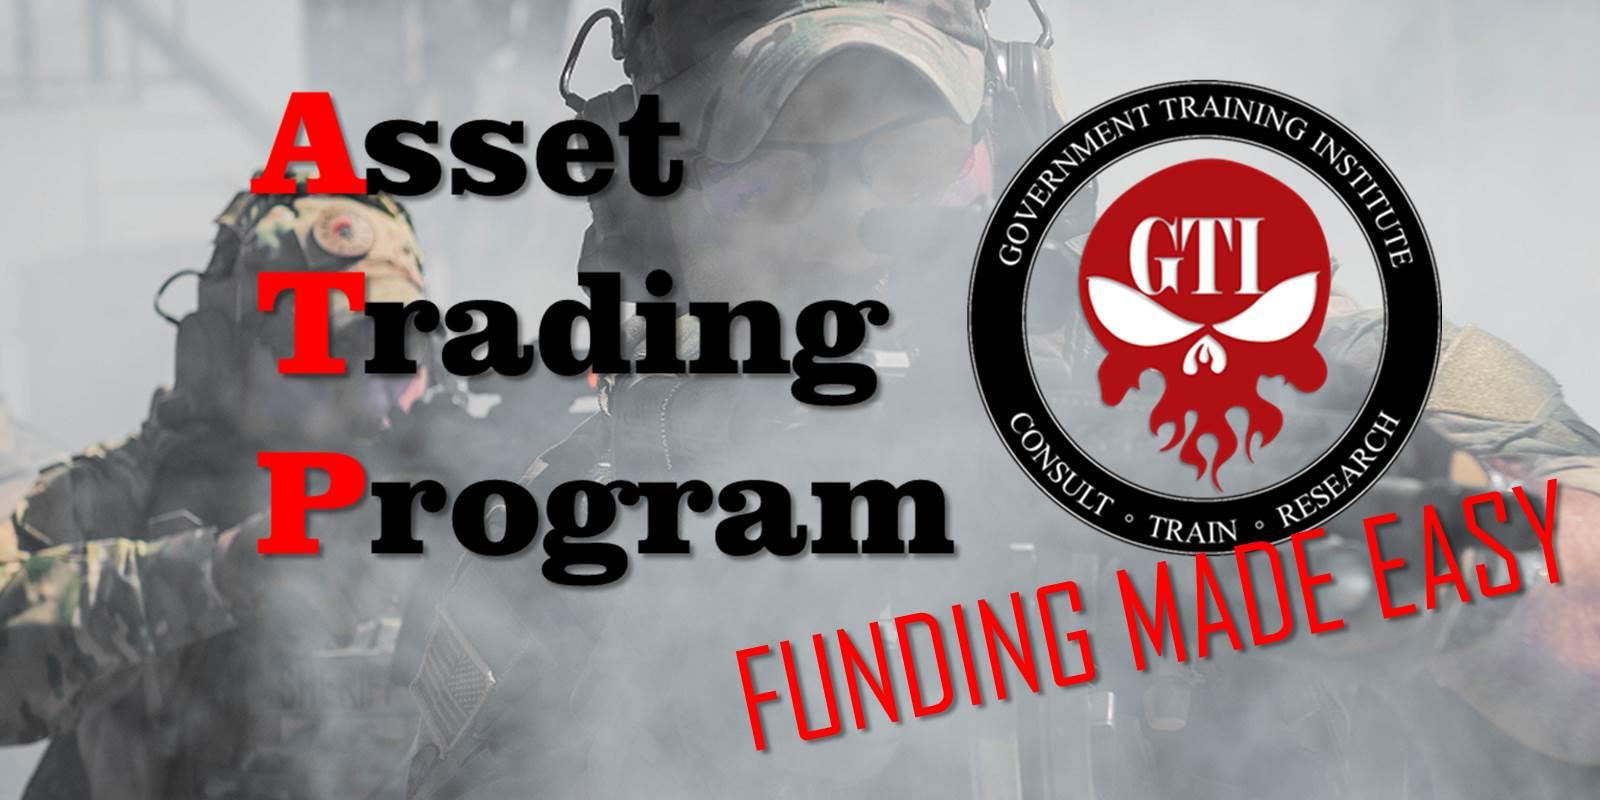 Asset Trading Program - Funding Made Easy